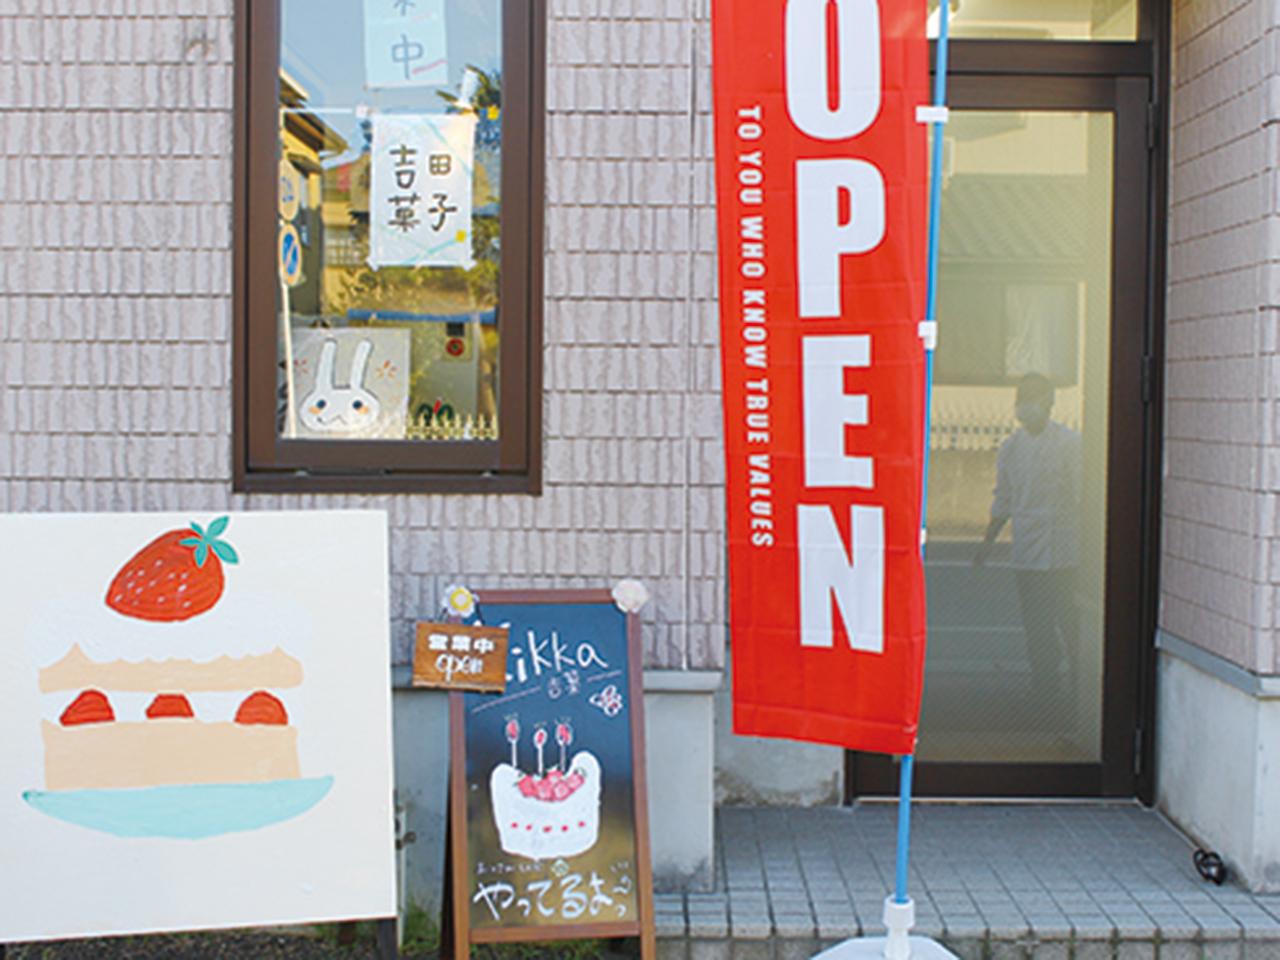 吉田菓子店のイメージ